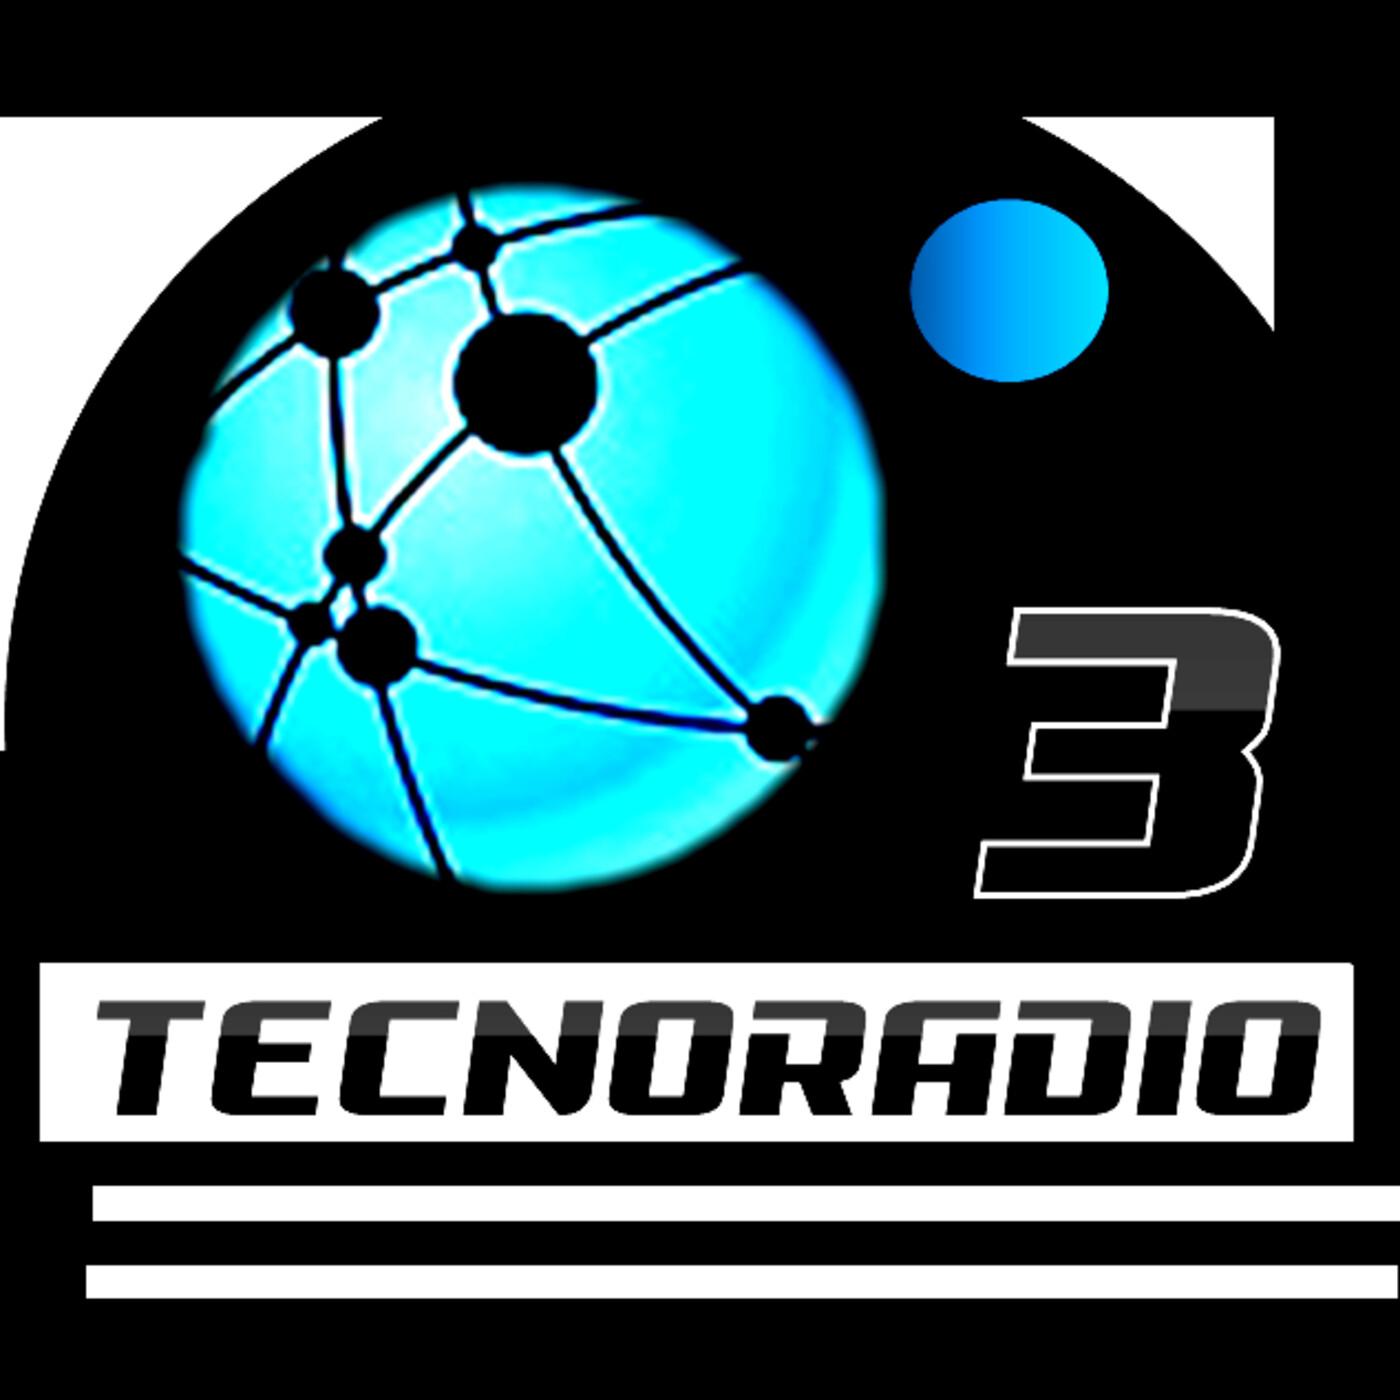 TECNOradio 3 - Semana 8